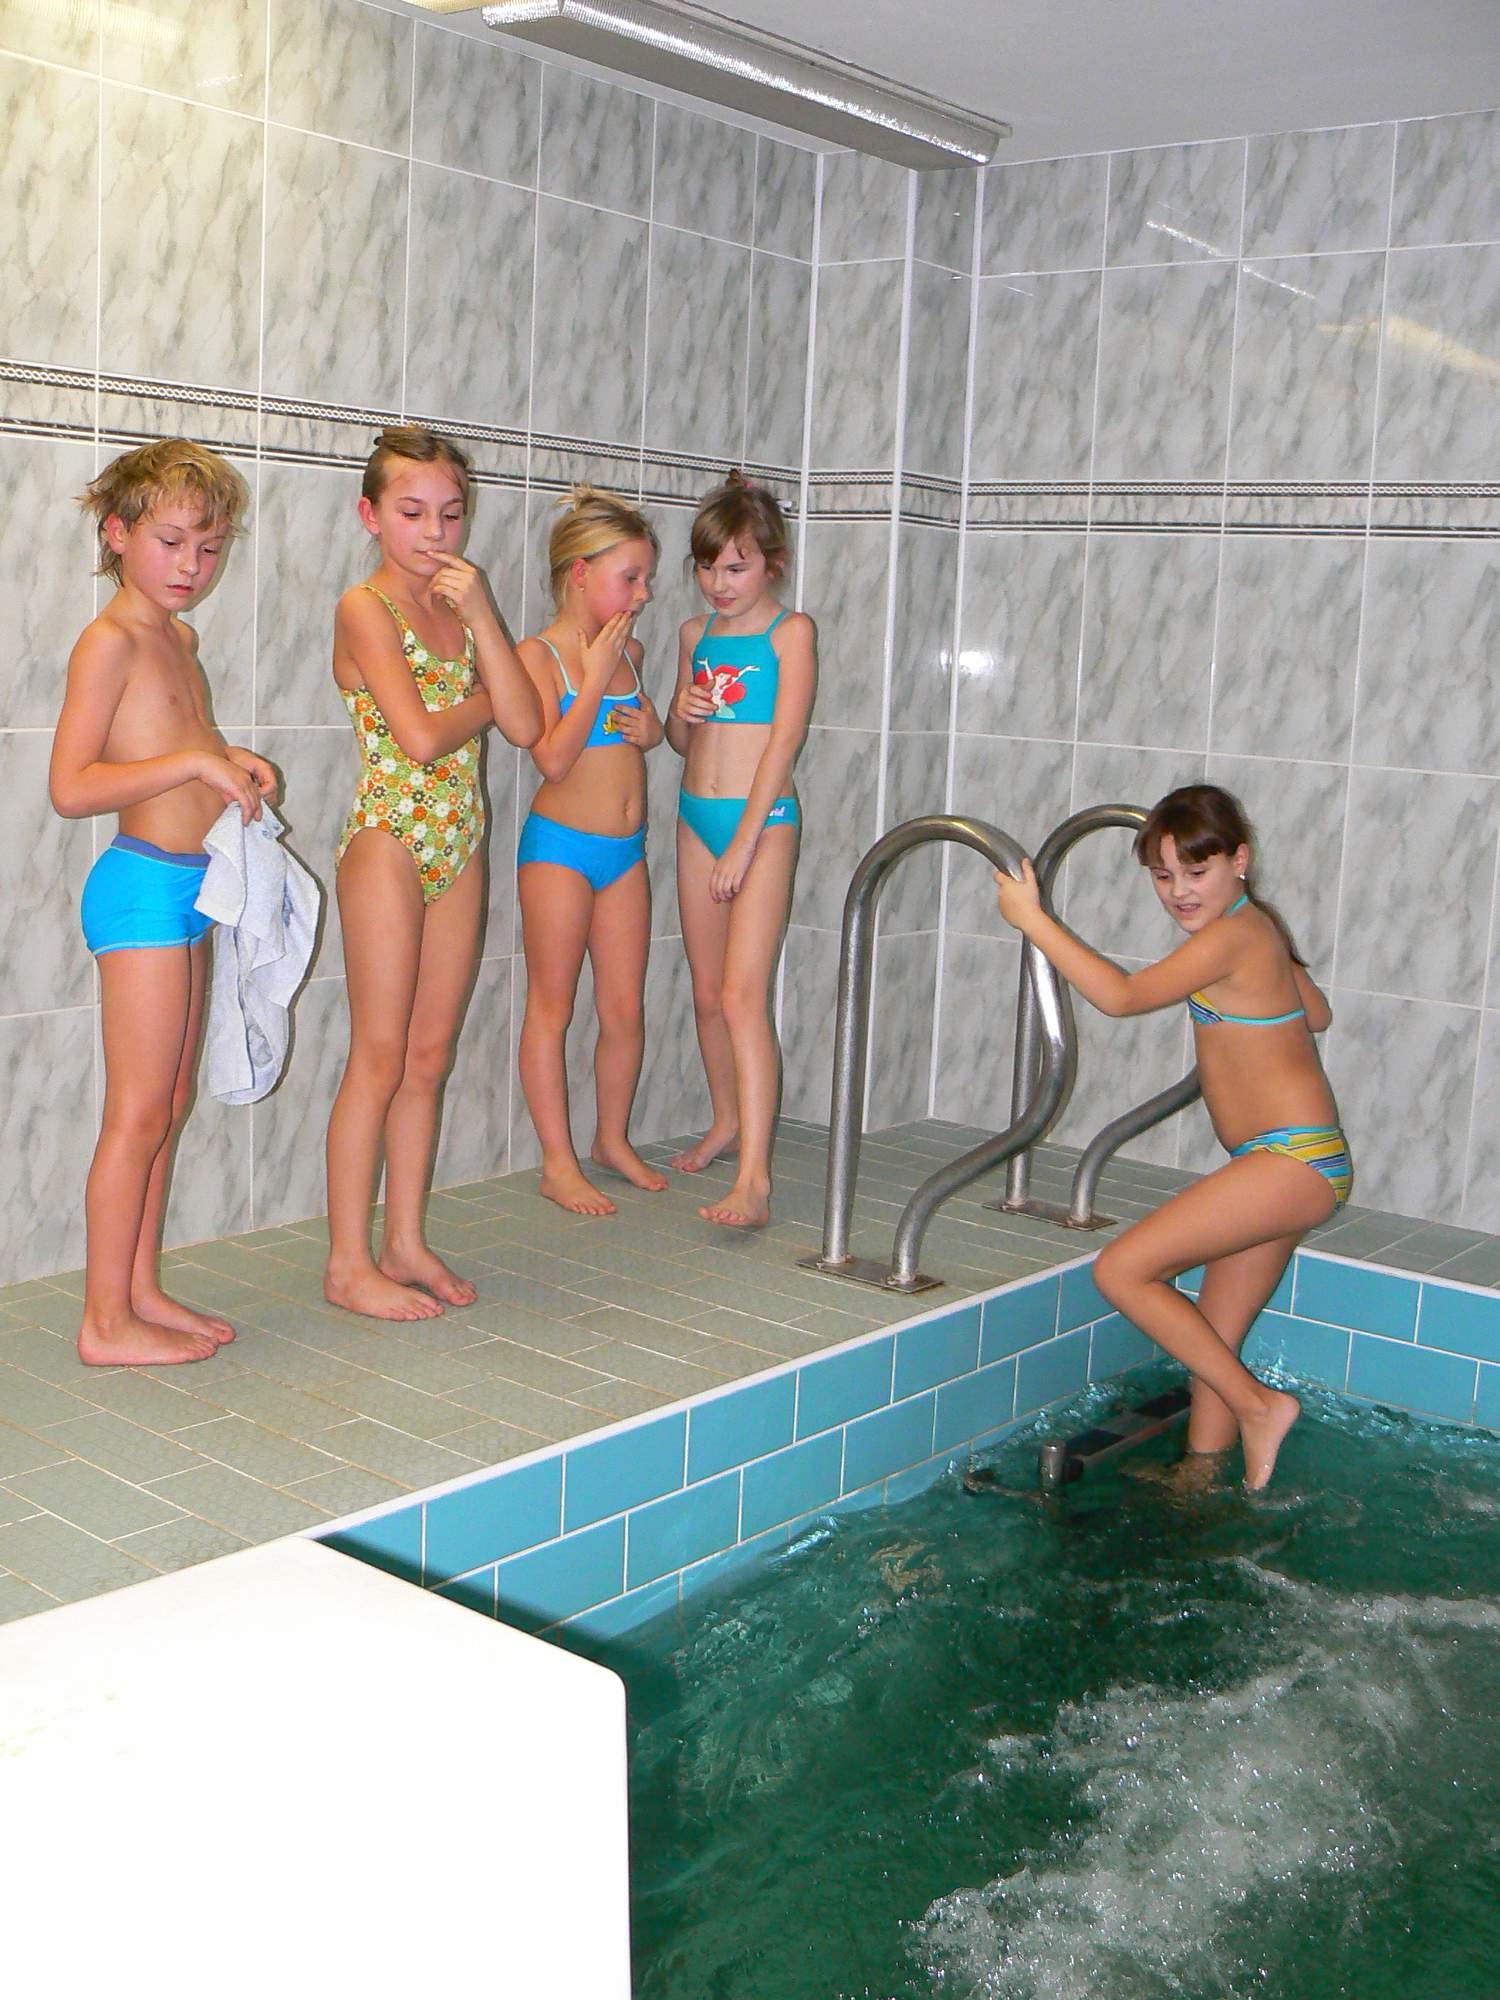 Bazén, sauna - zslado - album na Rajčeti